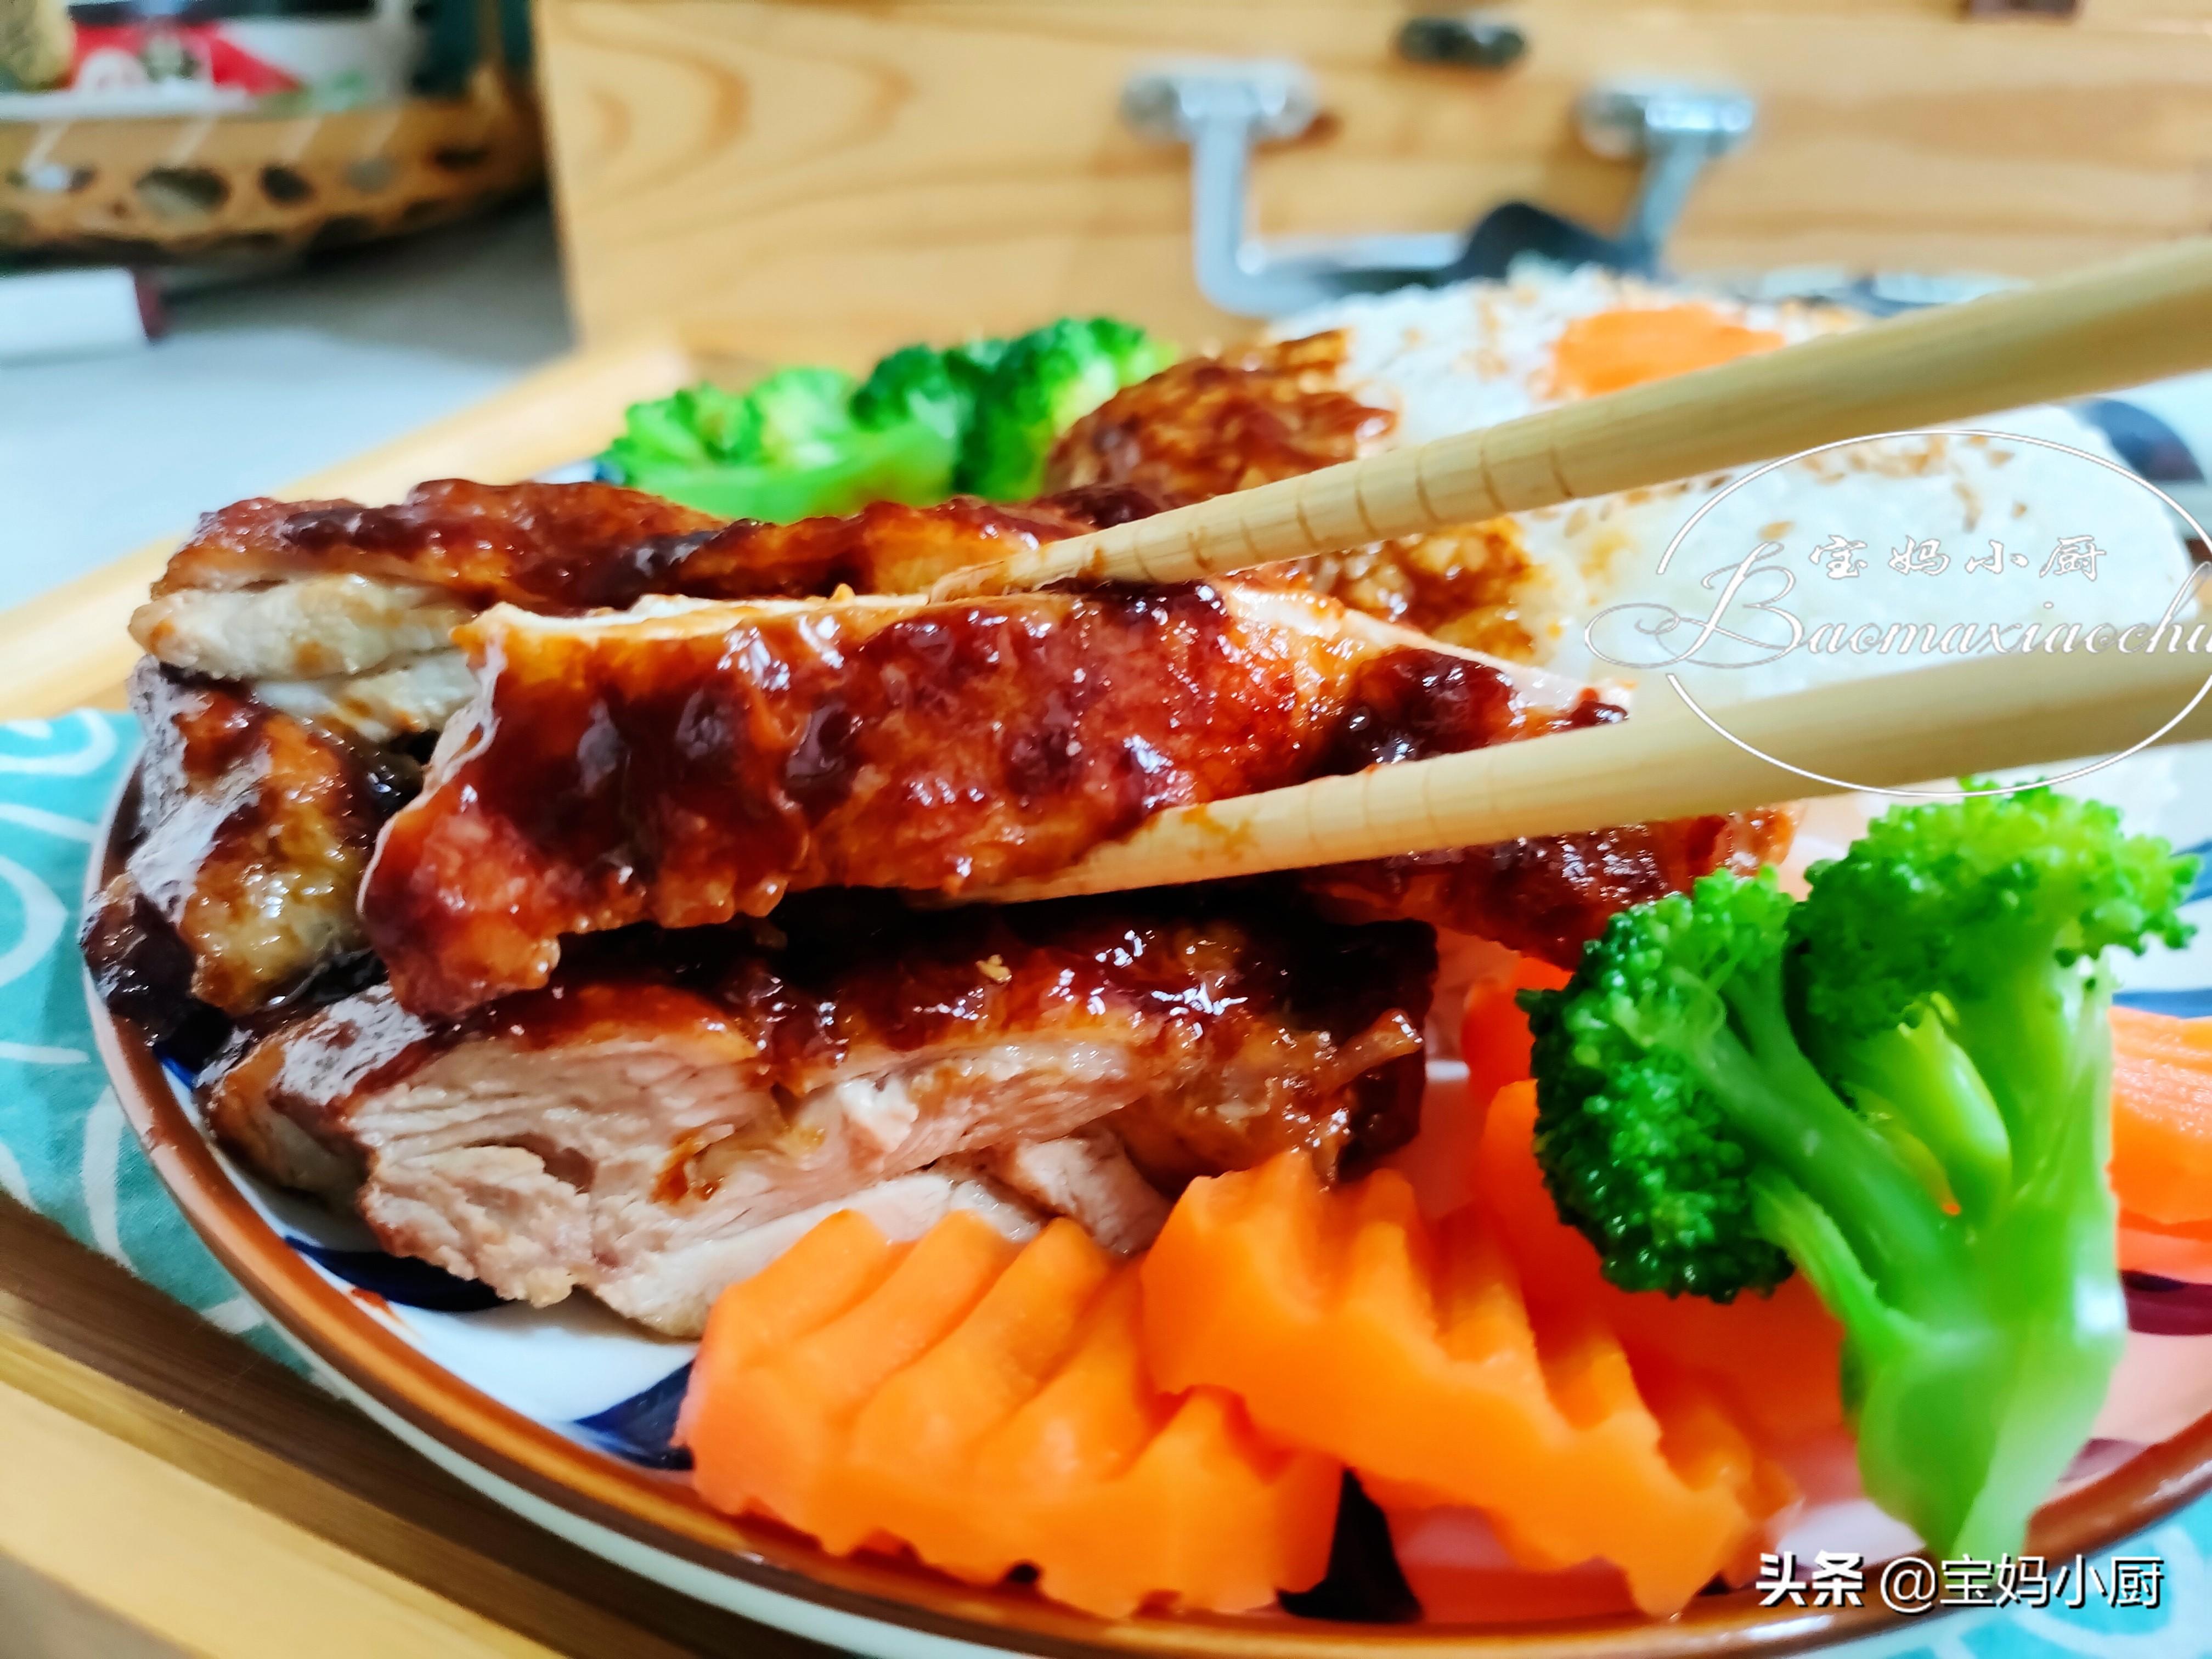 秋季转凉最爱鸡腿饭,用一汁成菜草本酱汁,3分钟入味,肉嫩多汁